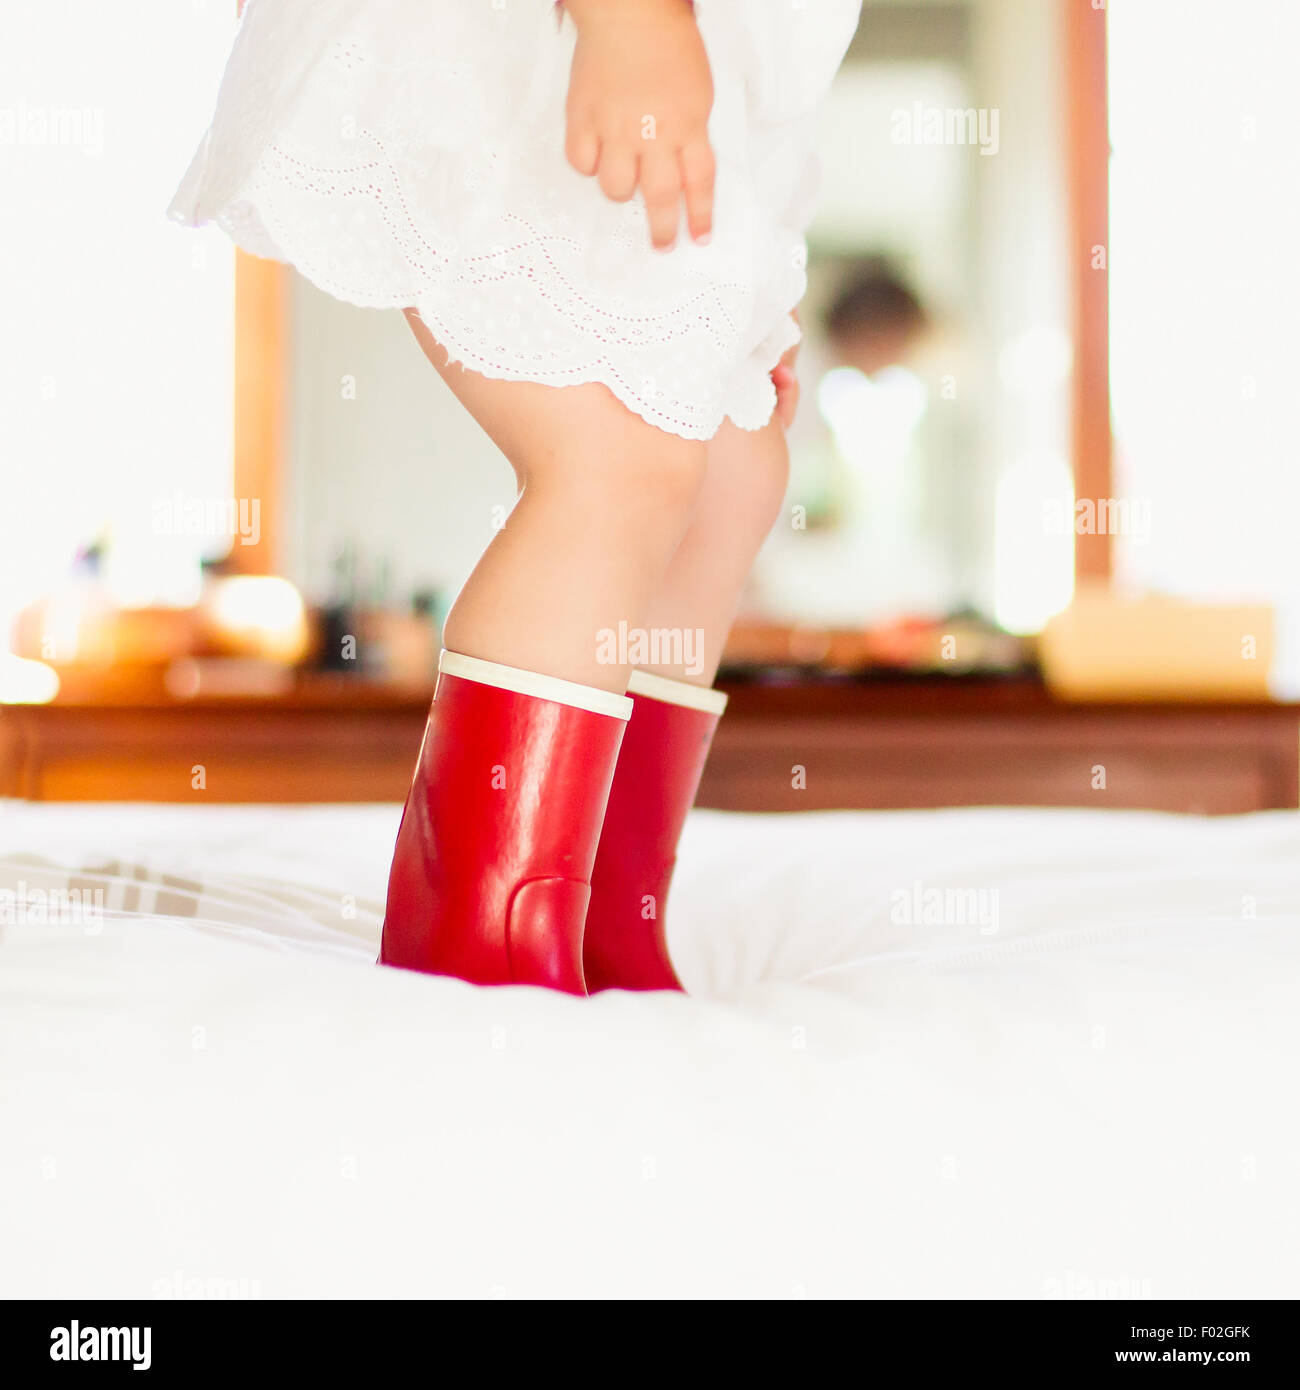 Nahaufnahme eines Mädchens in roten Stiefeln auf einem Bett springen Stockbild